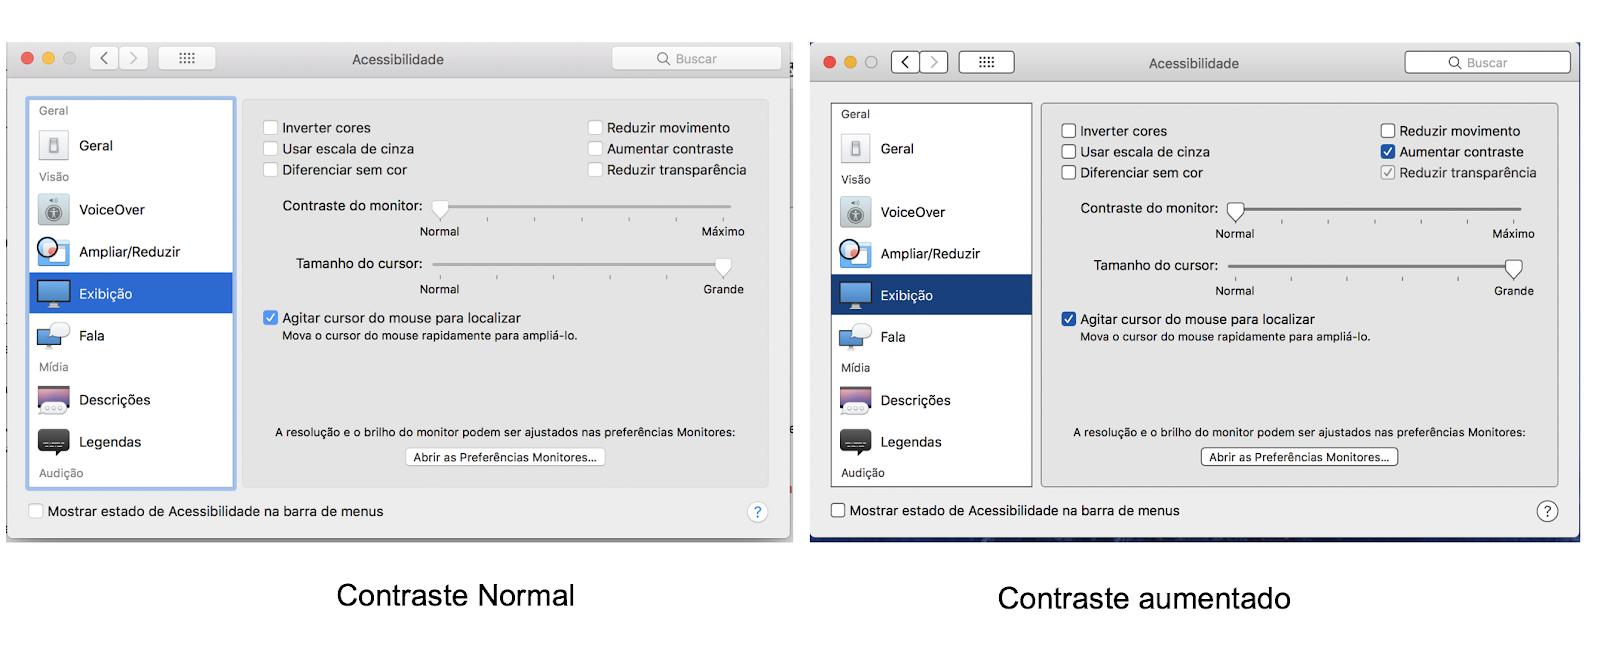 Janelas do sistema comparando a exibição no contraste normal e no contraste aumentado.